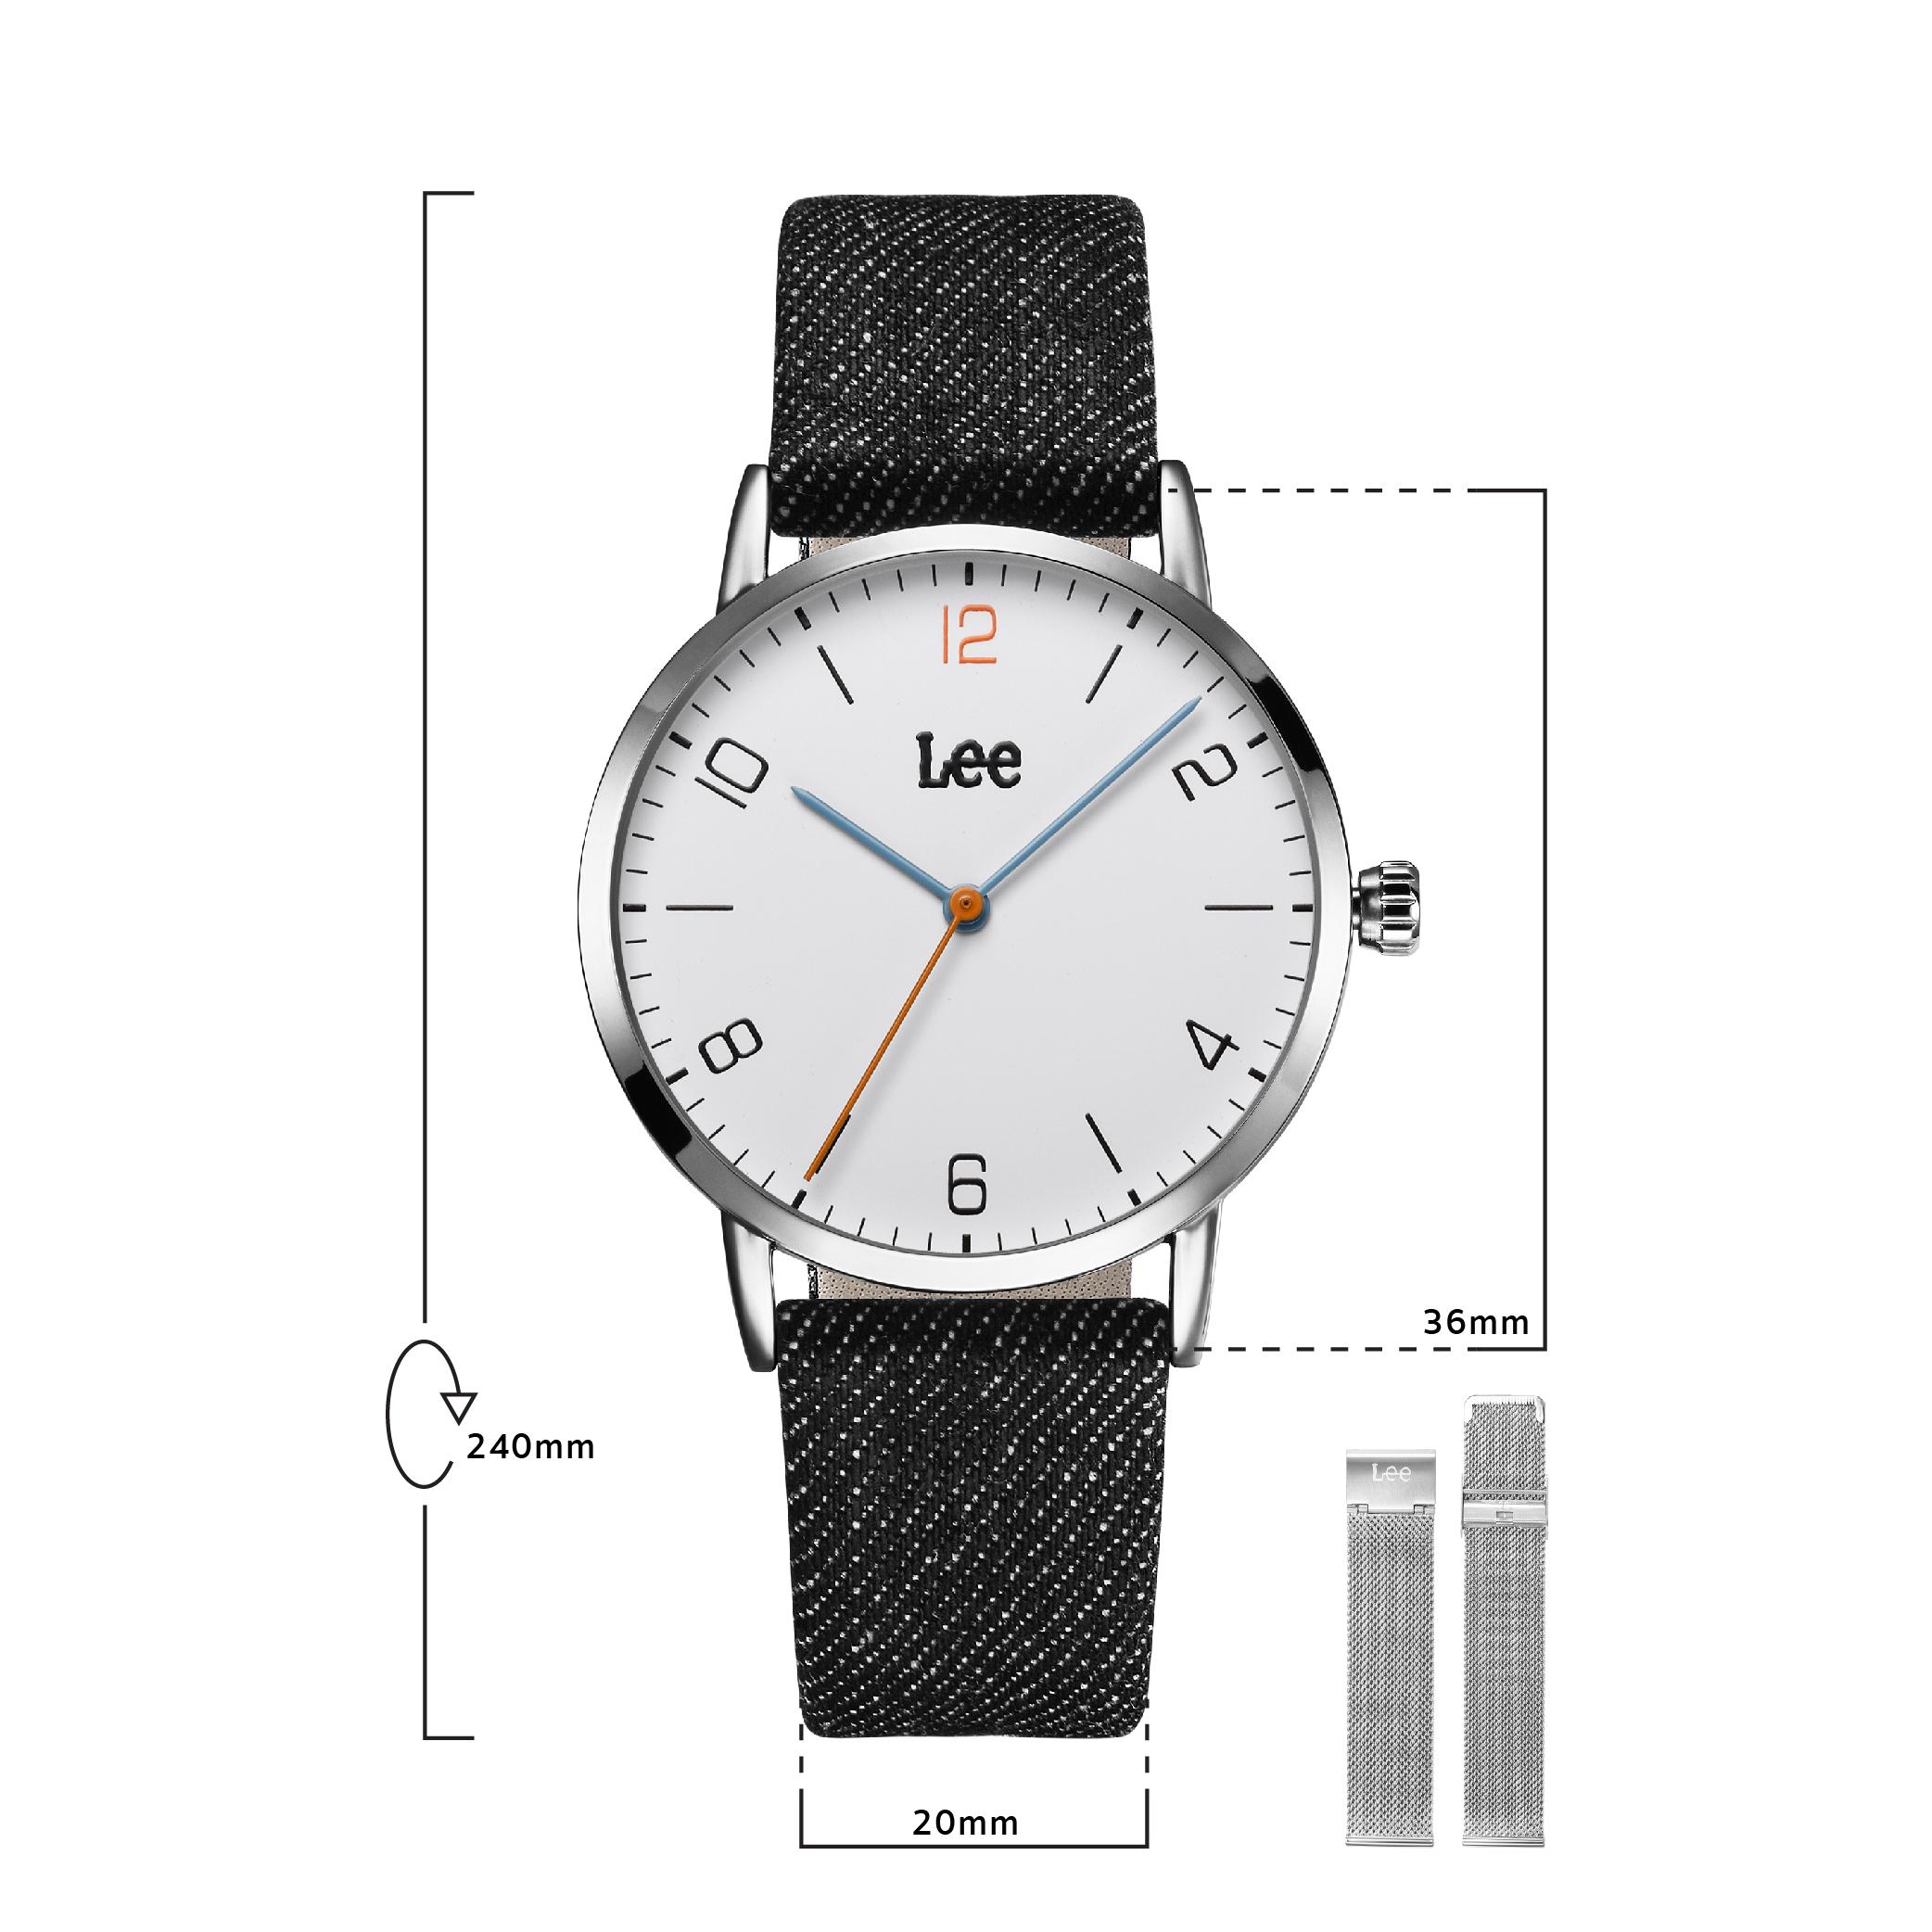 นาฬิกาข้อมือผู้หญิง LEE LEF-F154ASV1-71